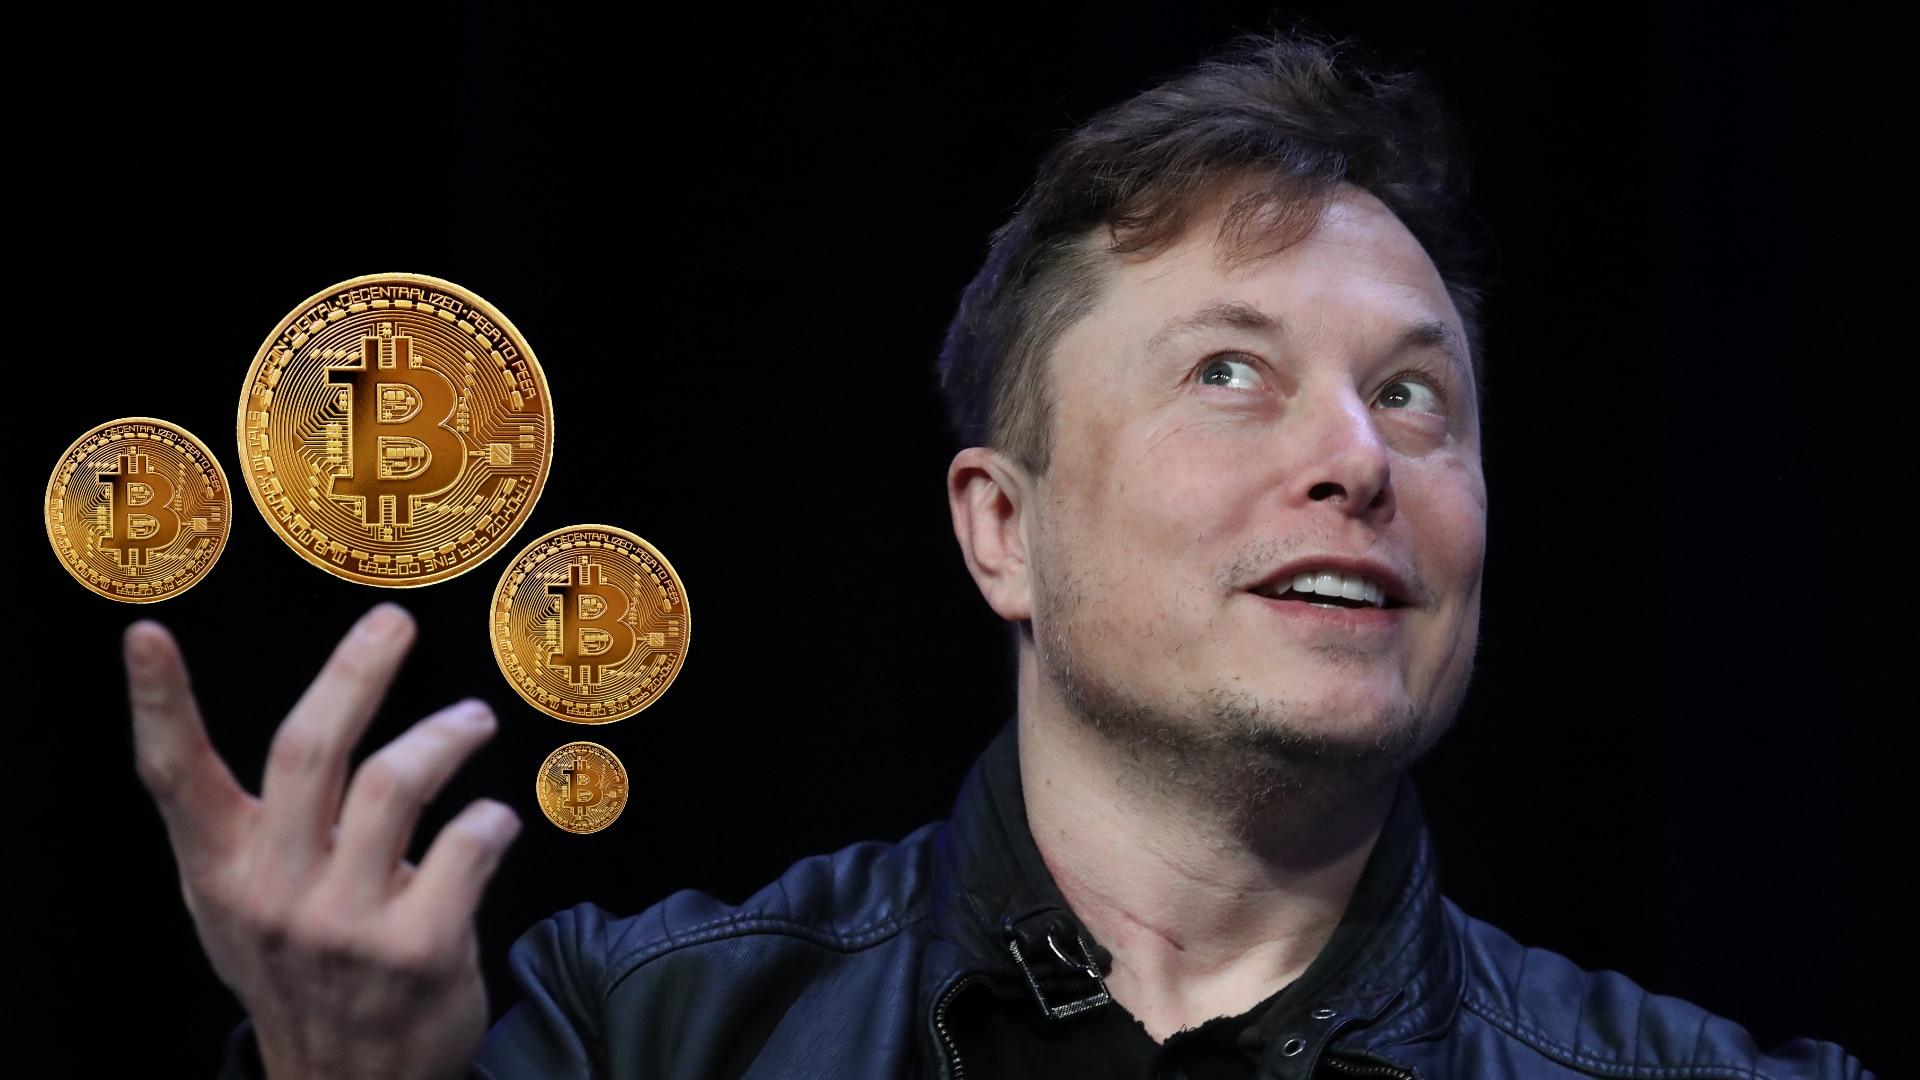 Tesla anuncia que ya no recibirá Bitcoin como pago, y la criptomoneda se desploma